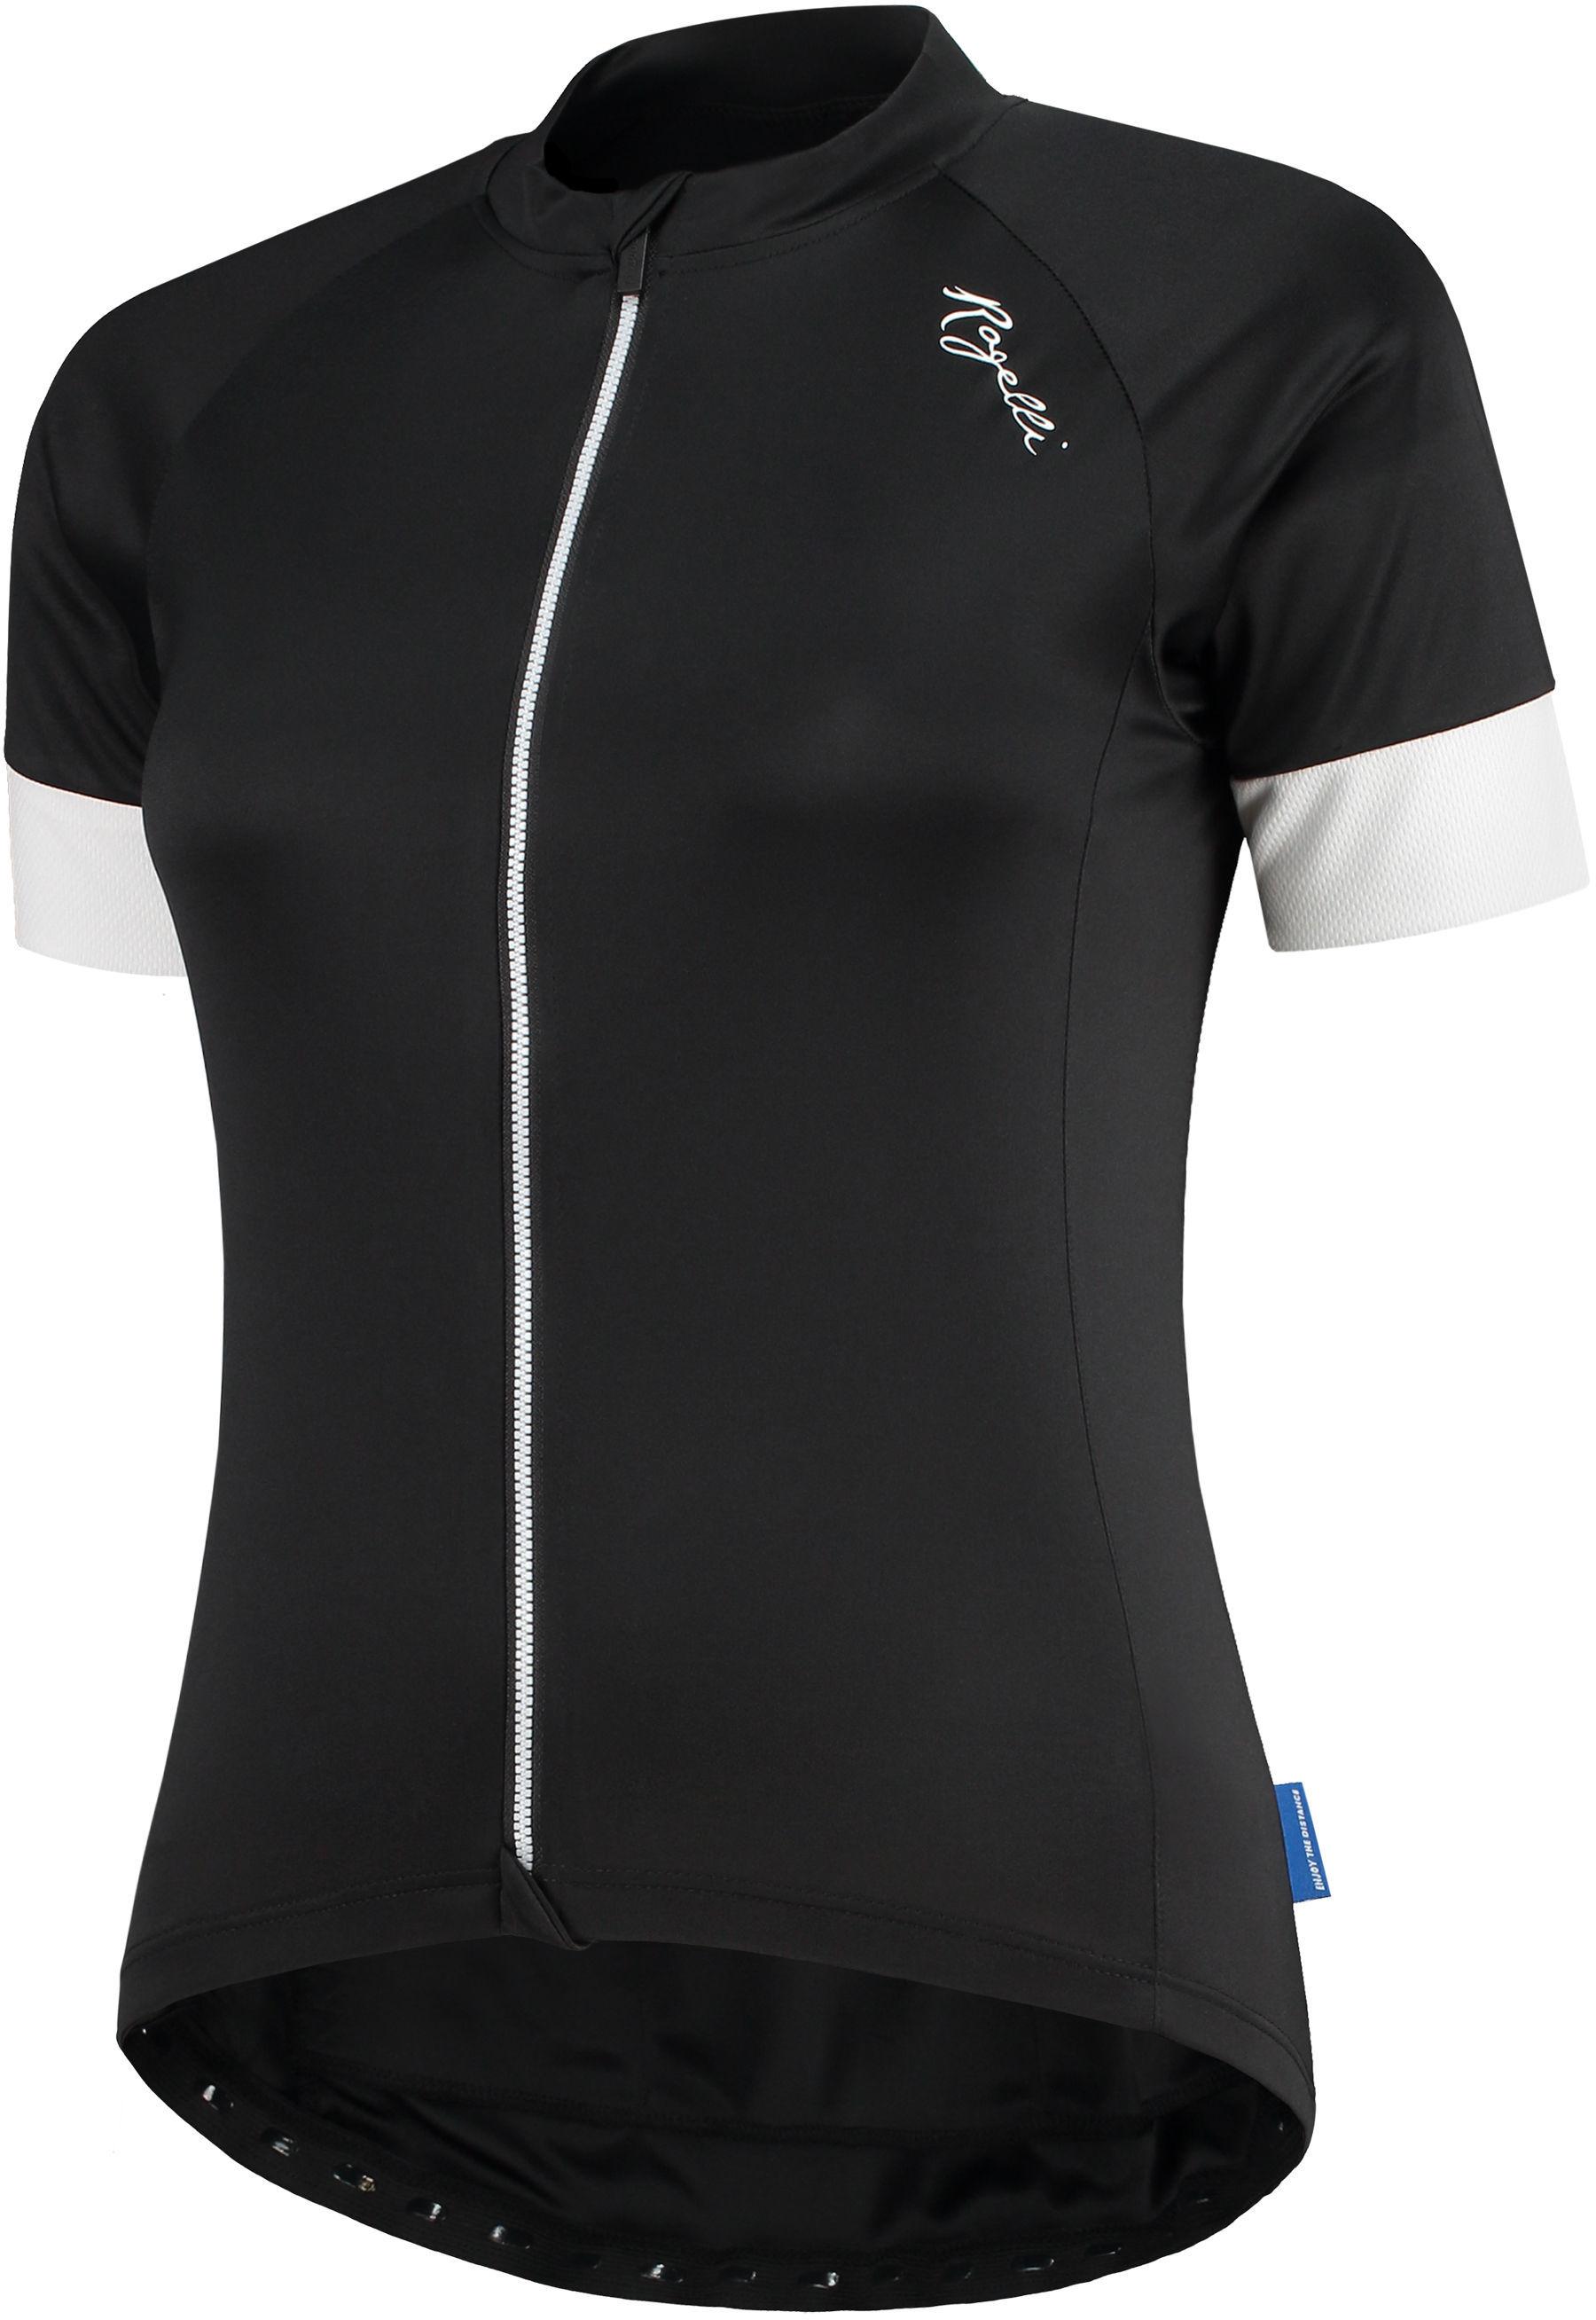 ROGELLI Modesta 010.116 damska koszula rowerowa czarny-biały Rozmiar: S,Rogelli_010.116_Modesta